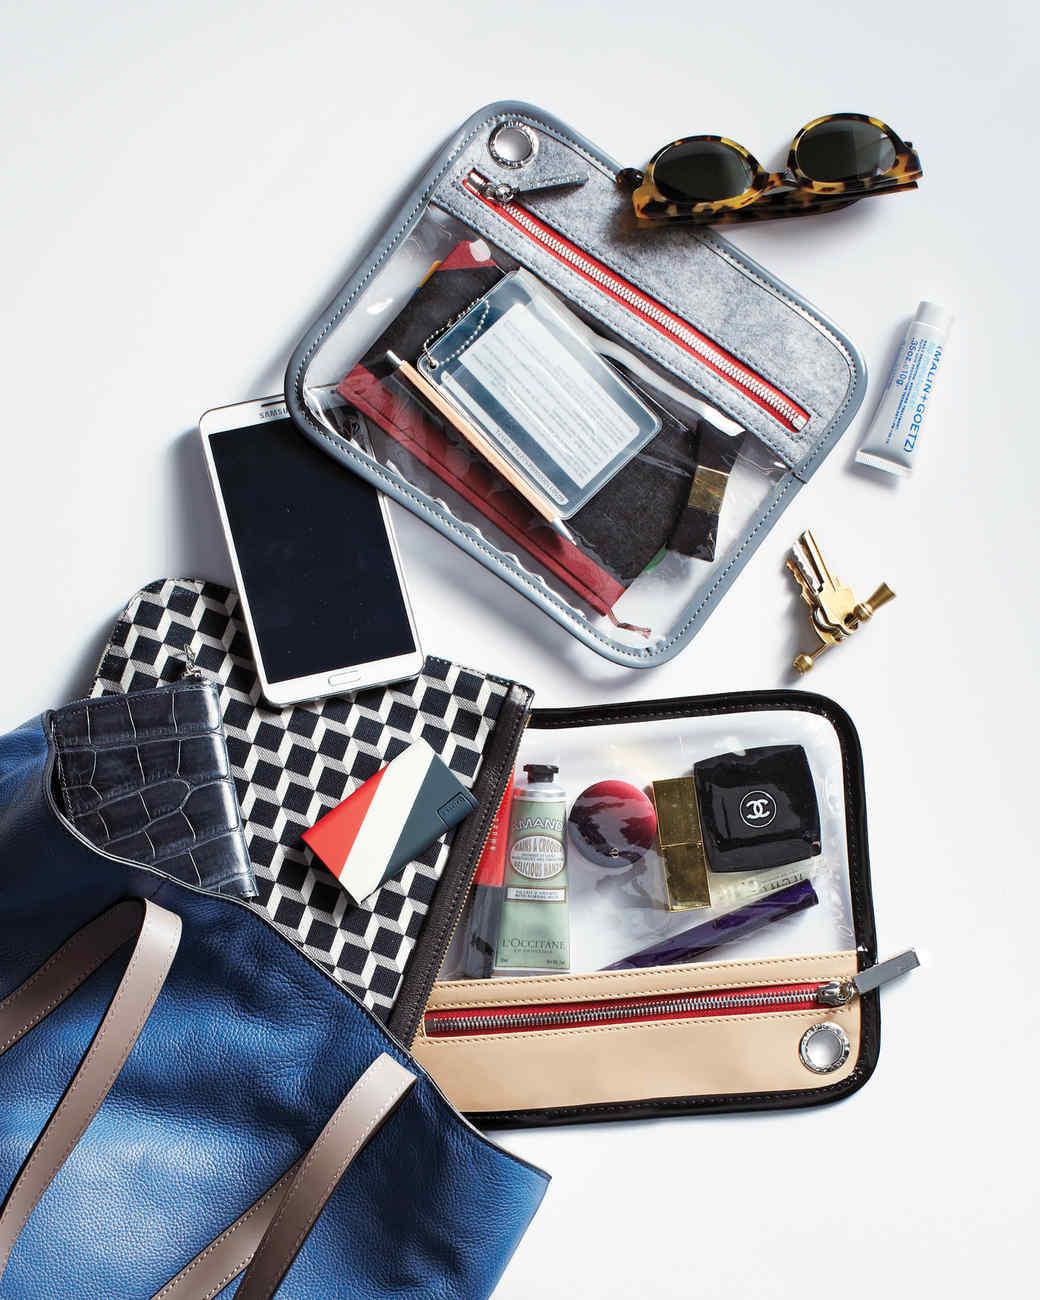 desk-detail-bag-spill-v3-285-md110720.jpg